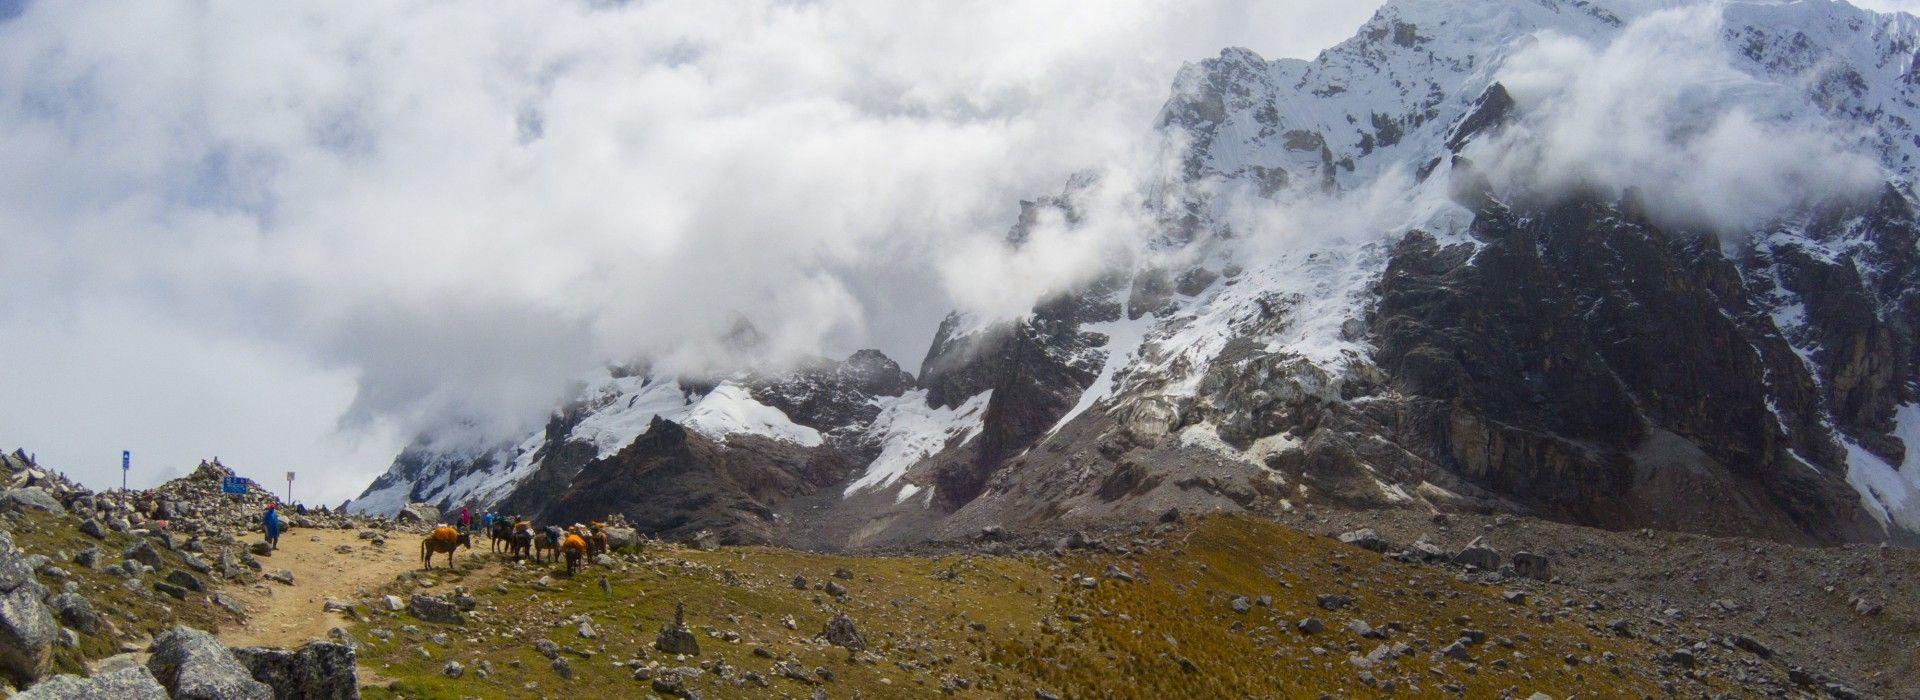 Adventure and sport Tours in Peru